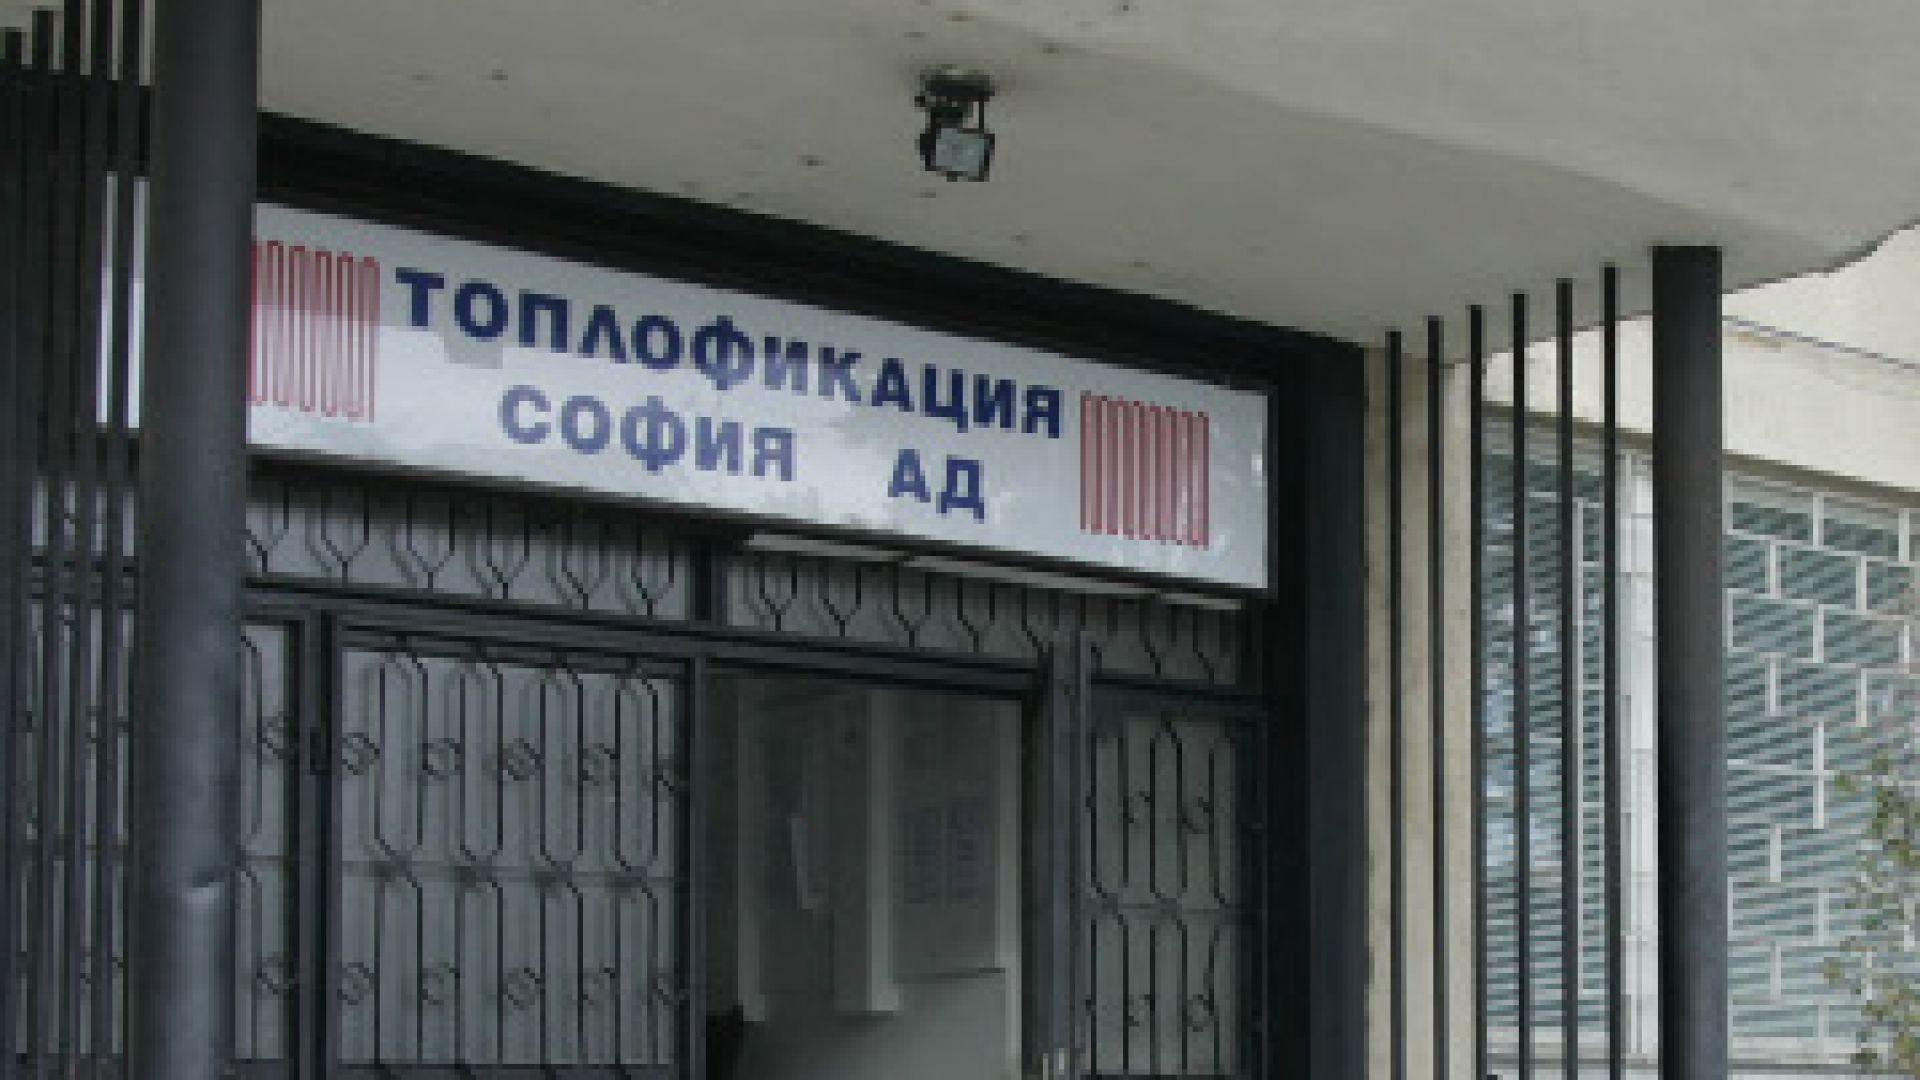 """""""Топлофикация София"""" ще иска компенсации заради скъпия природен газ"""